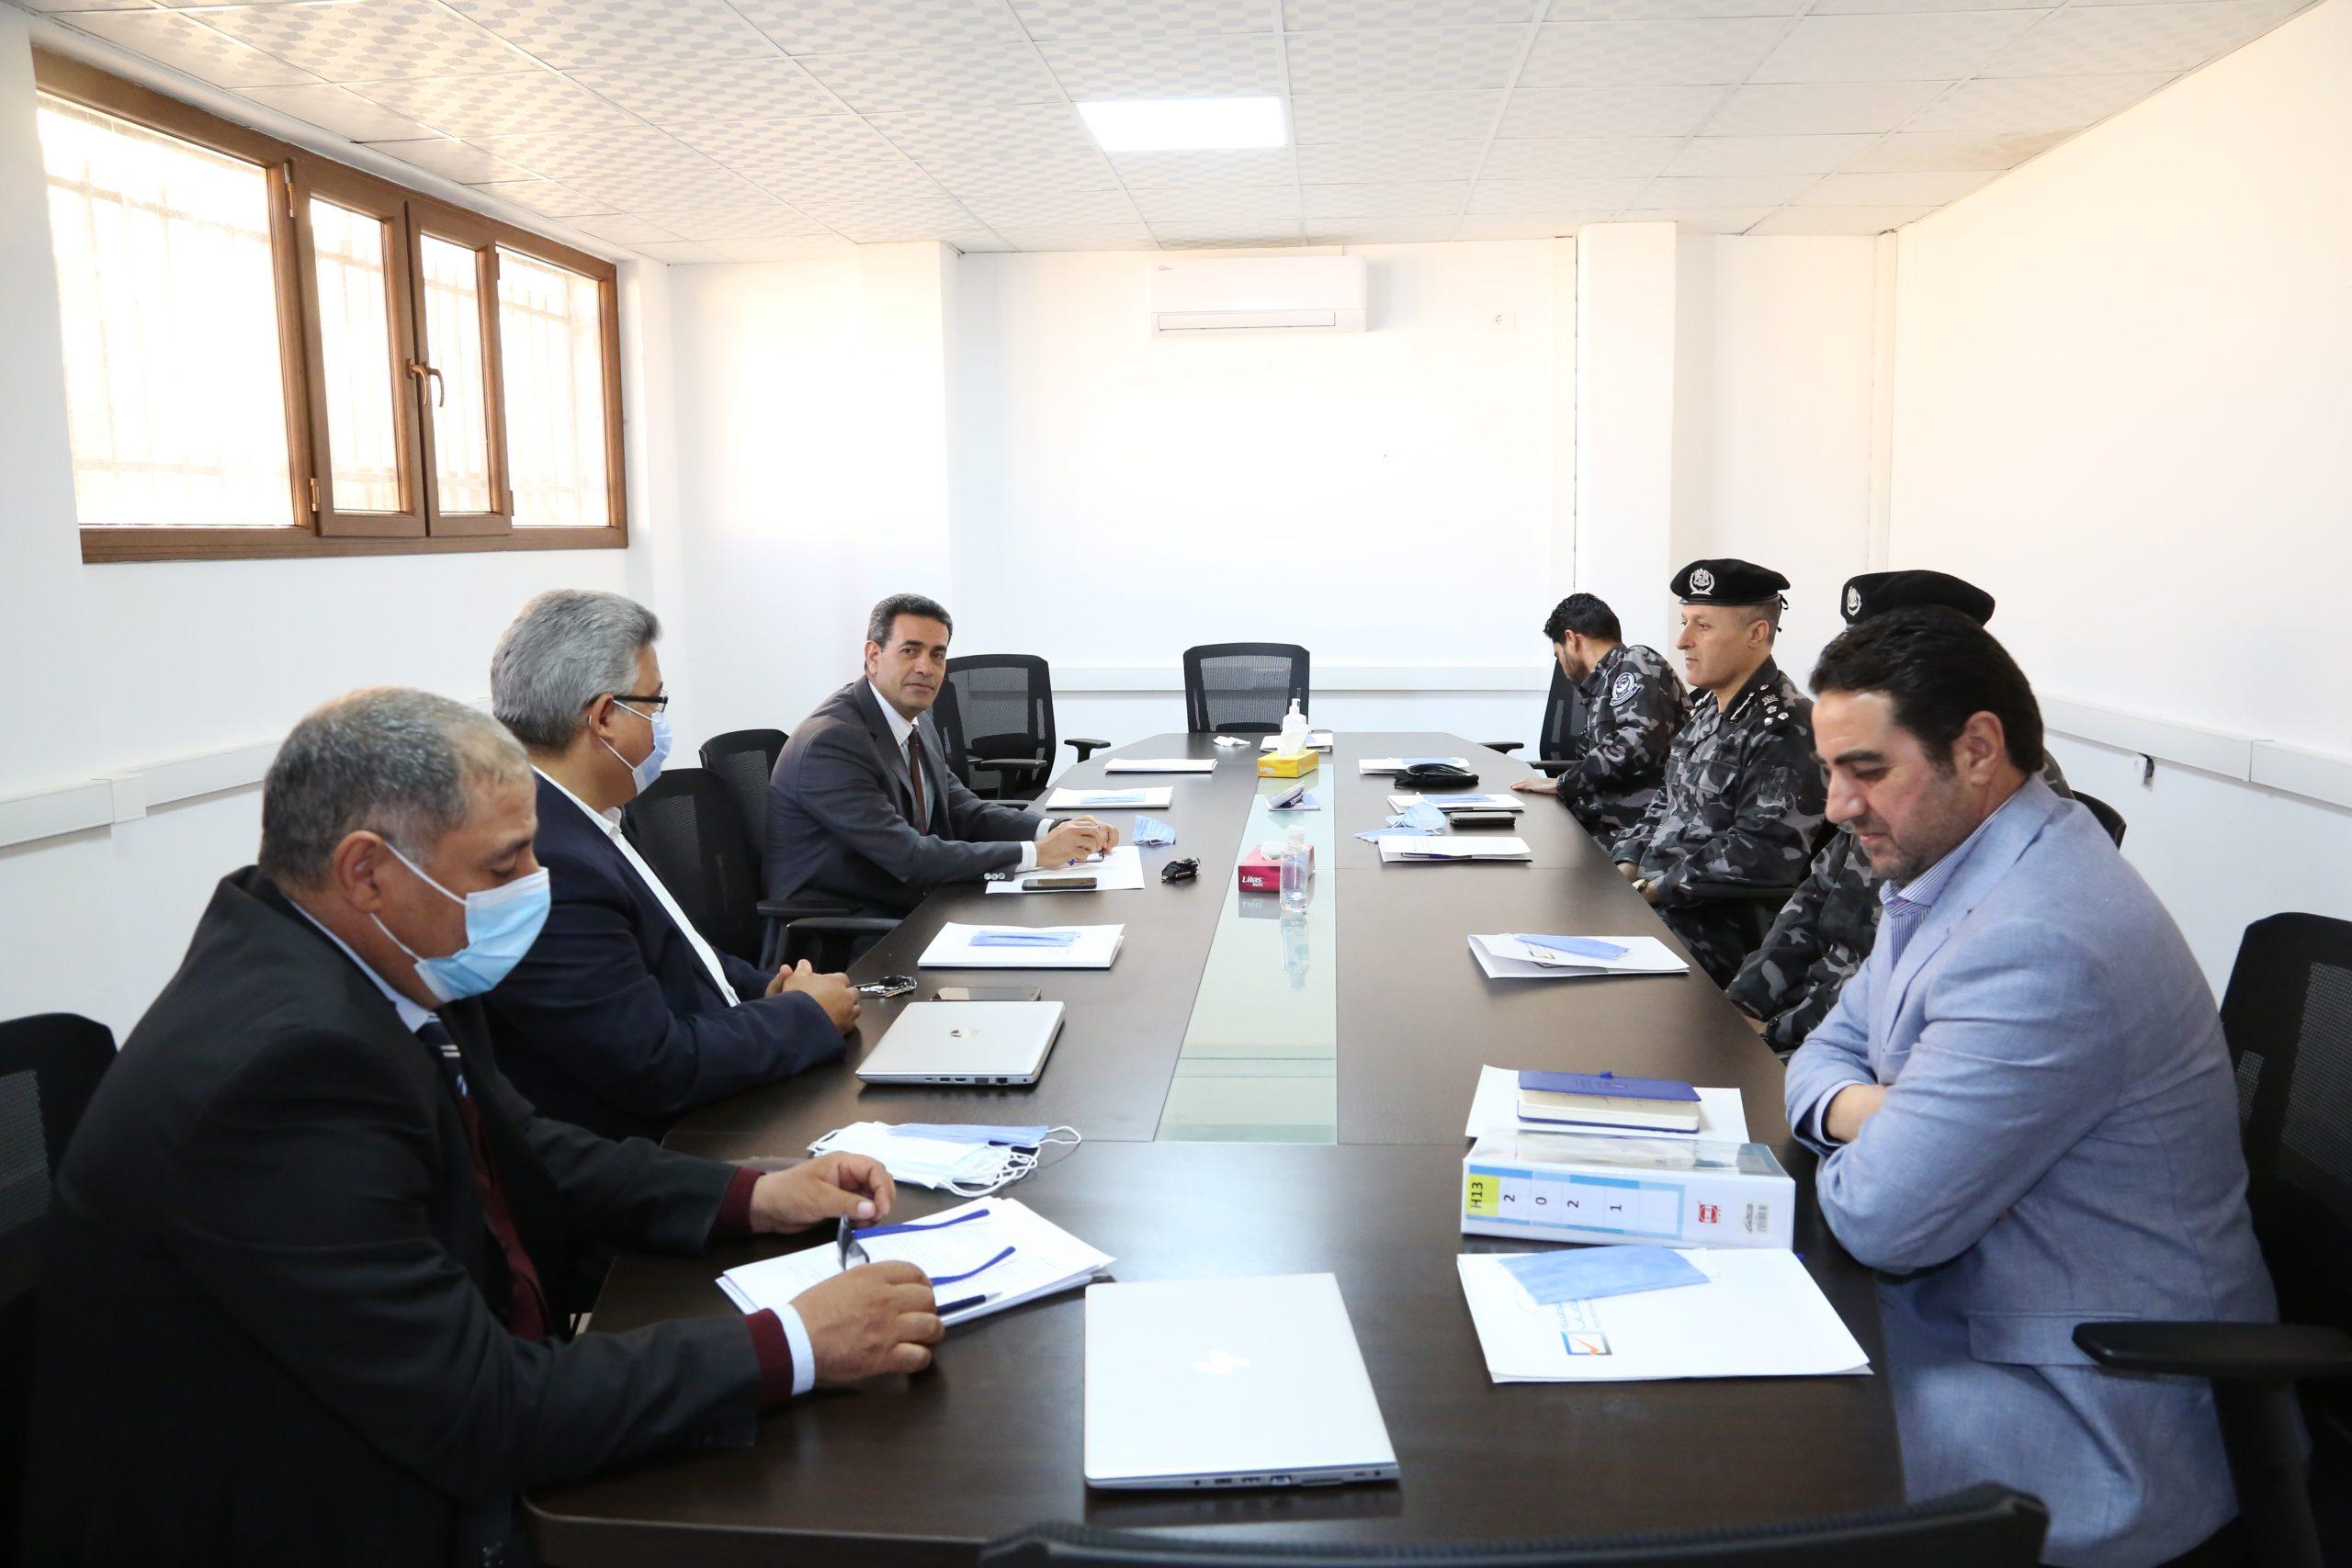 الخطة الأمنية للانتخابات القادمة- محور اجتماع المفوضية مع وزارة الداخلية